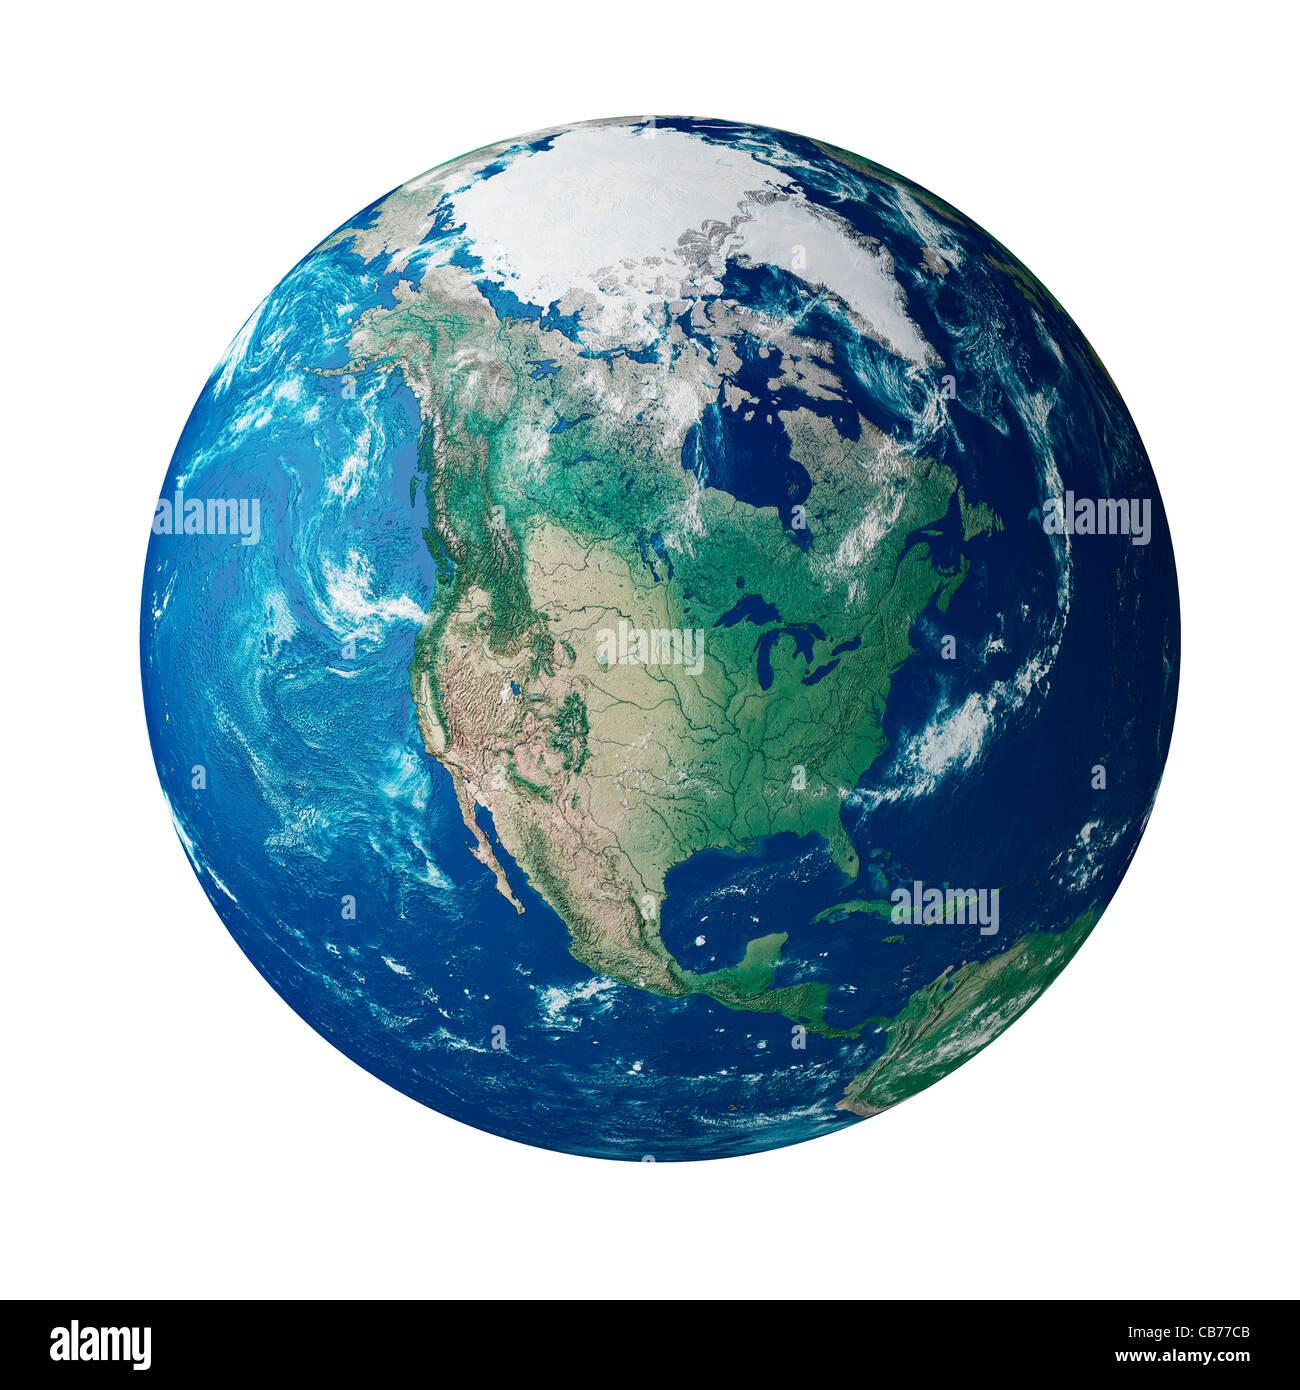 Mundo mostrando el continente de América del Norte sobre el planeta tierra Imagen De Stock